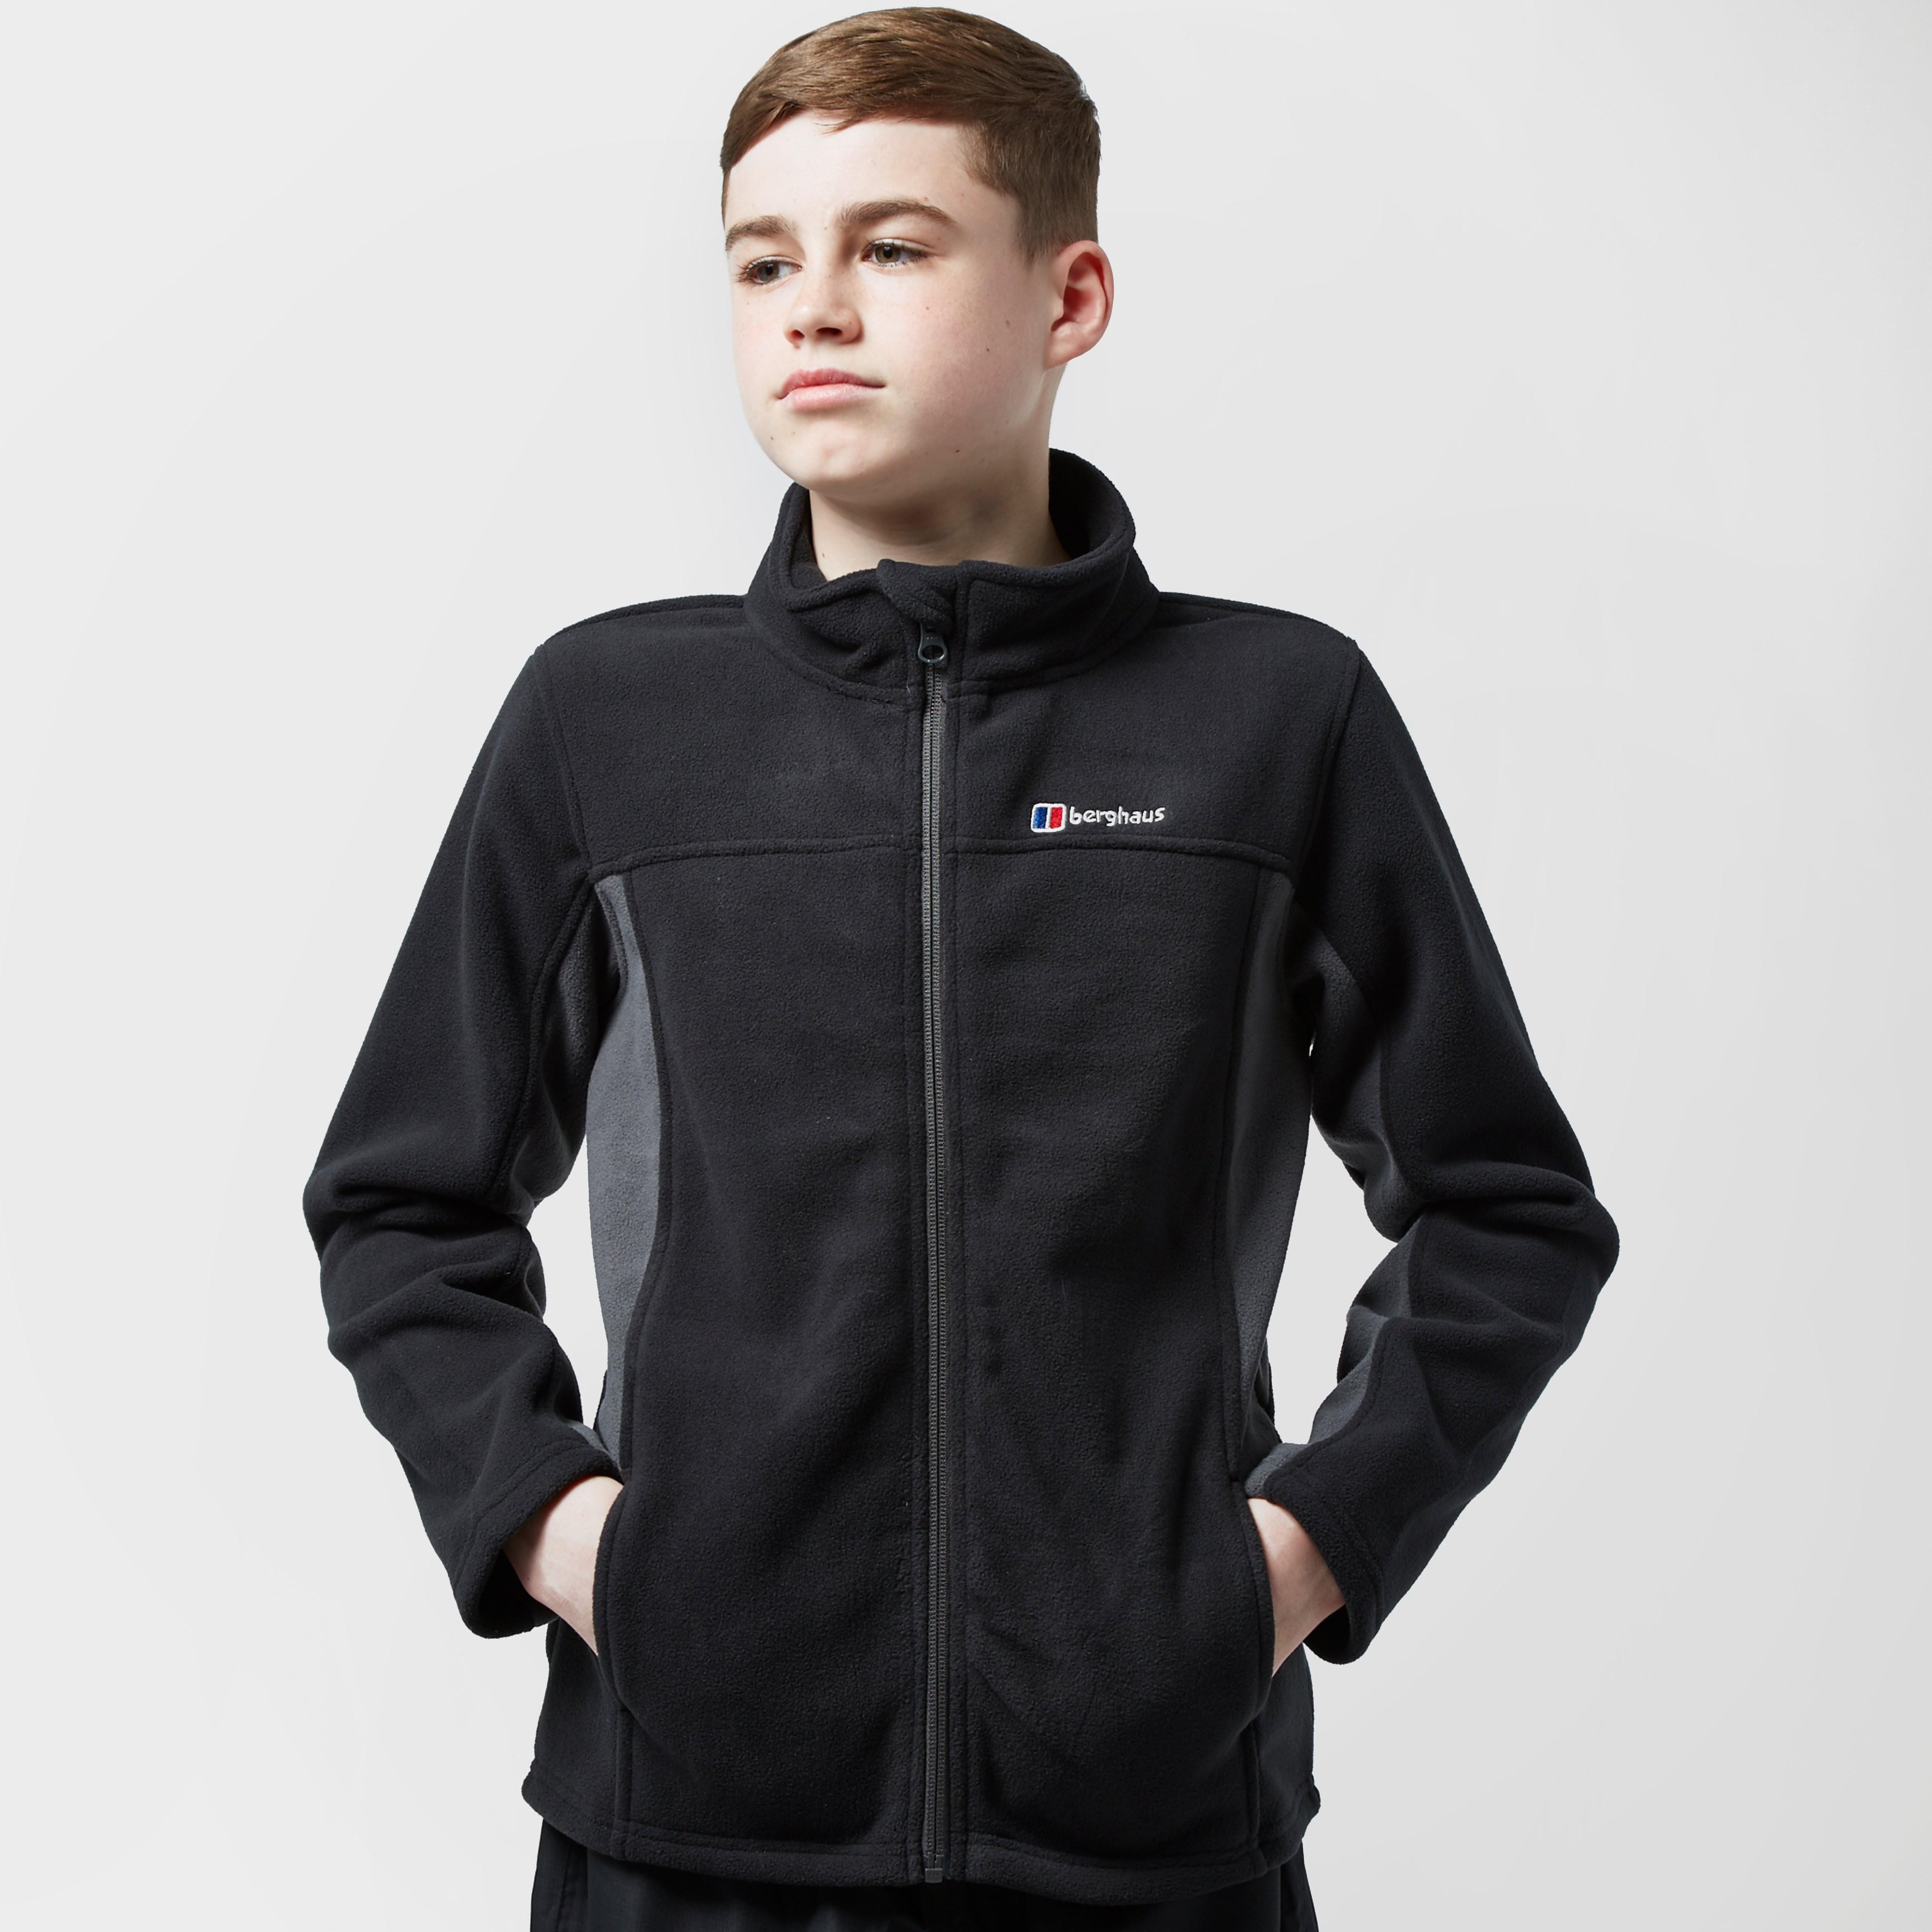 Berghaus Fleece Junior Jacket